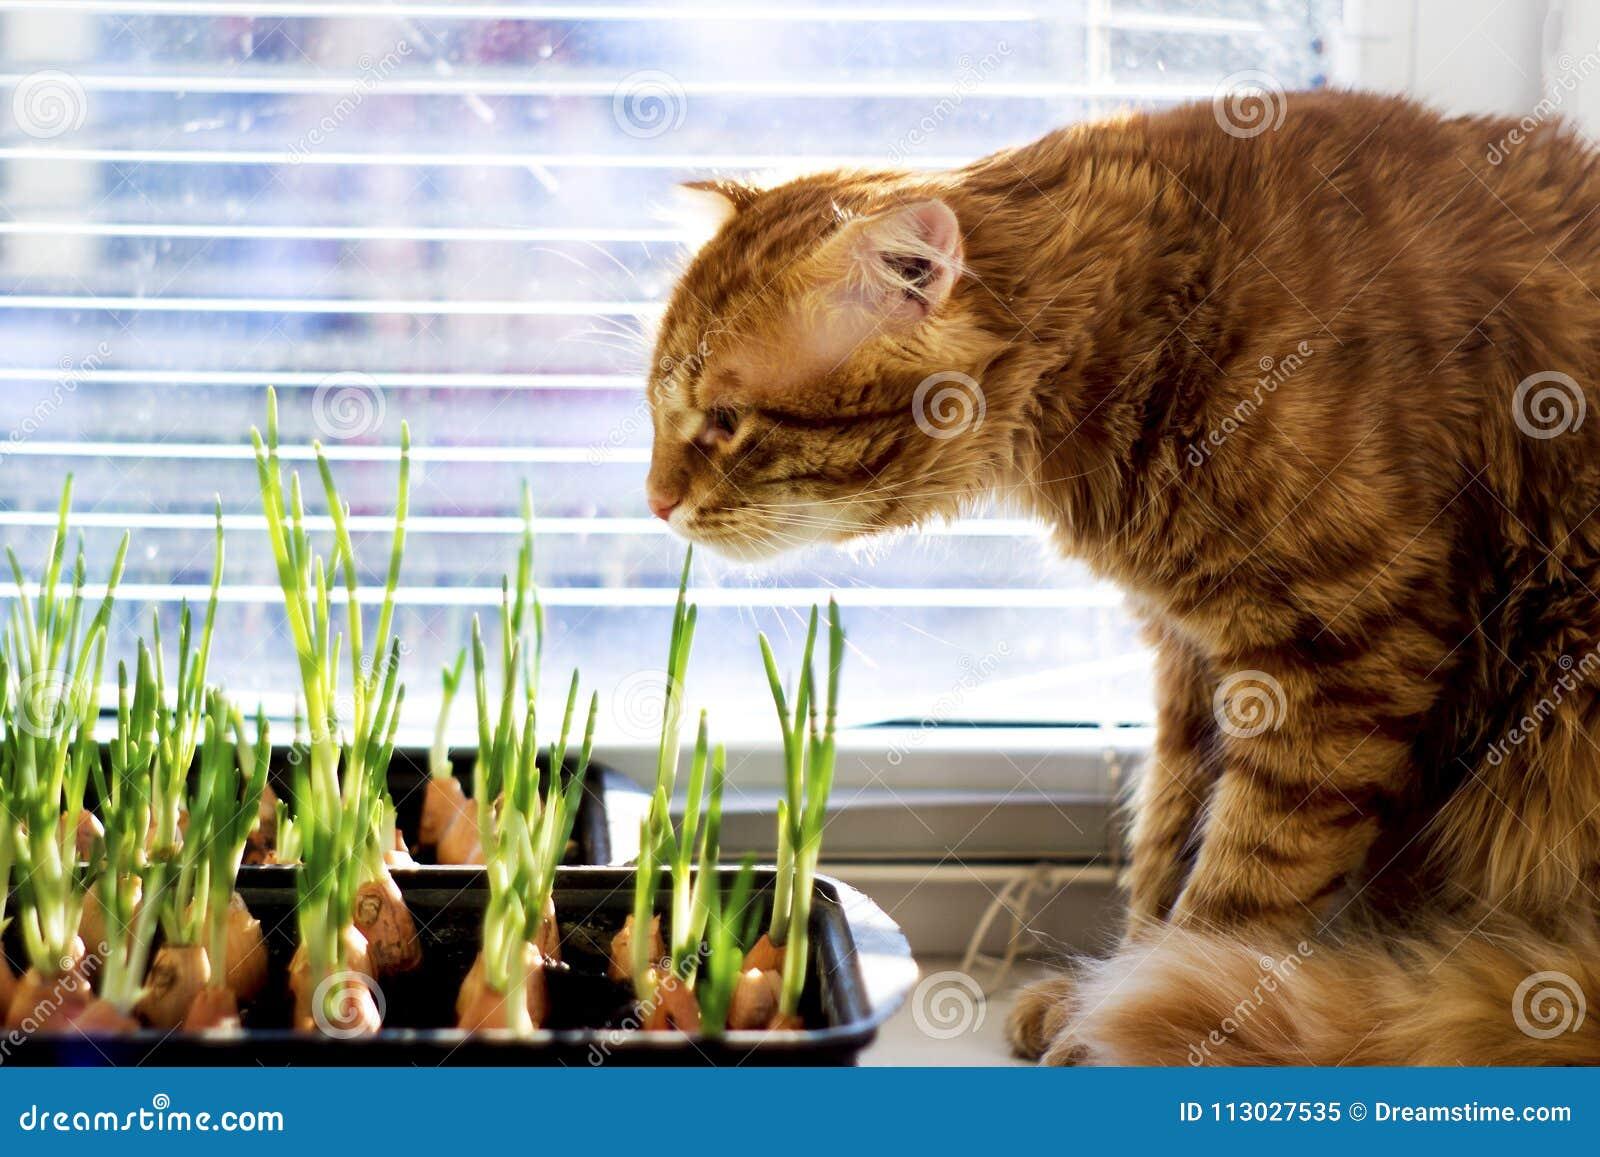 El gato rojo mira y huele las cebollas verdes de los jóvenes